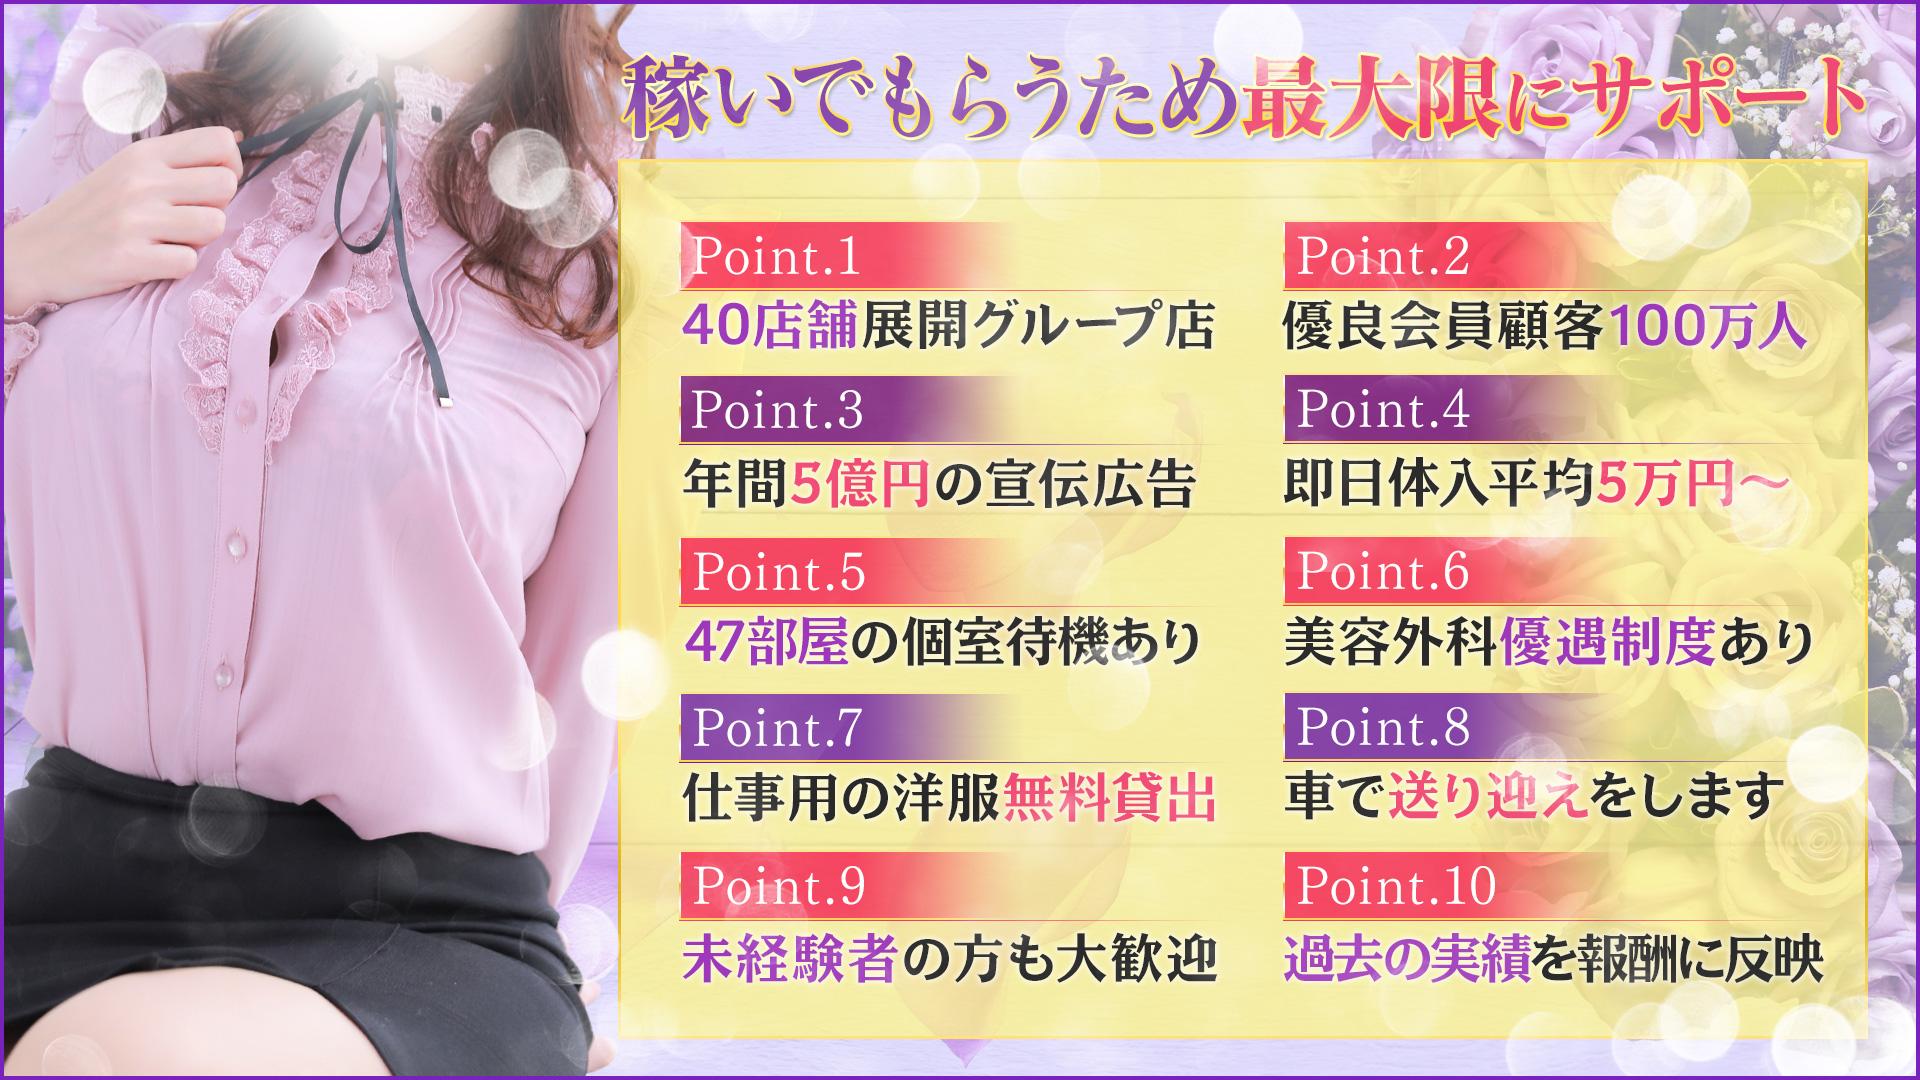 五反田人妻ヒットパレードの求人画像